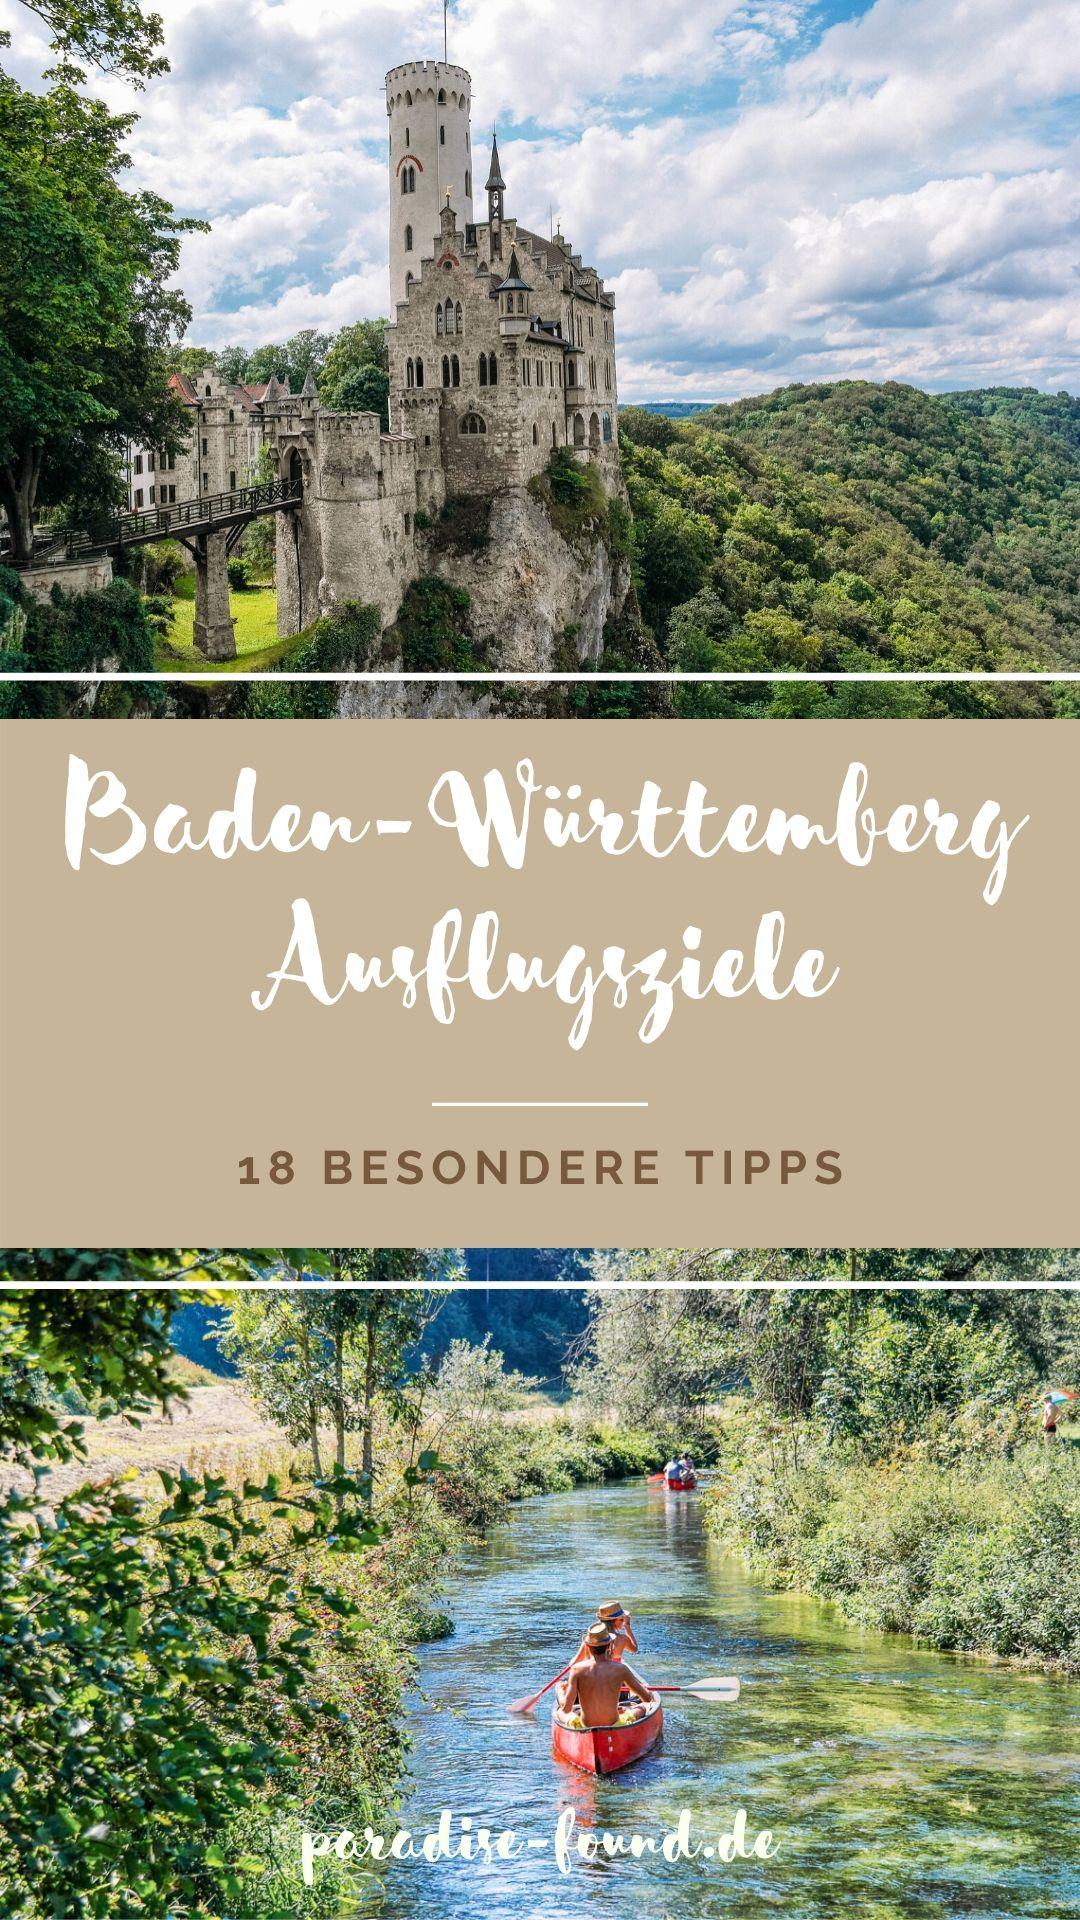 Tolle Tipps für besondere Ausflugsziele in Baden-Württemberg: Schwarzwald, Schwäbische Alb, Schönbuch und um Stuttgart, die Du nicht verpassen solltest!